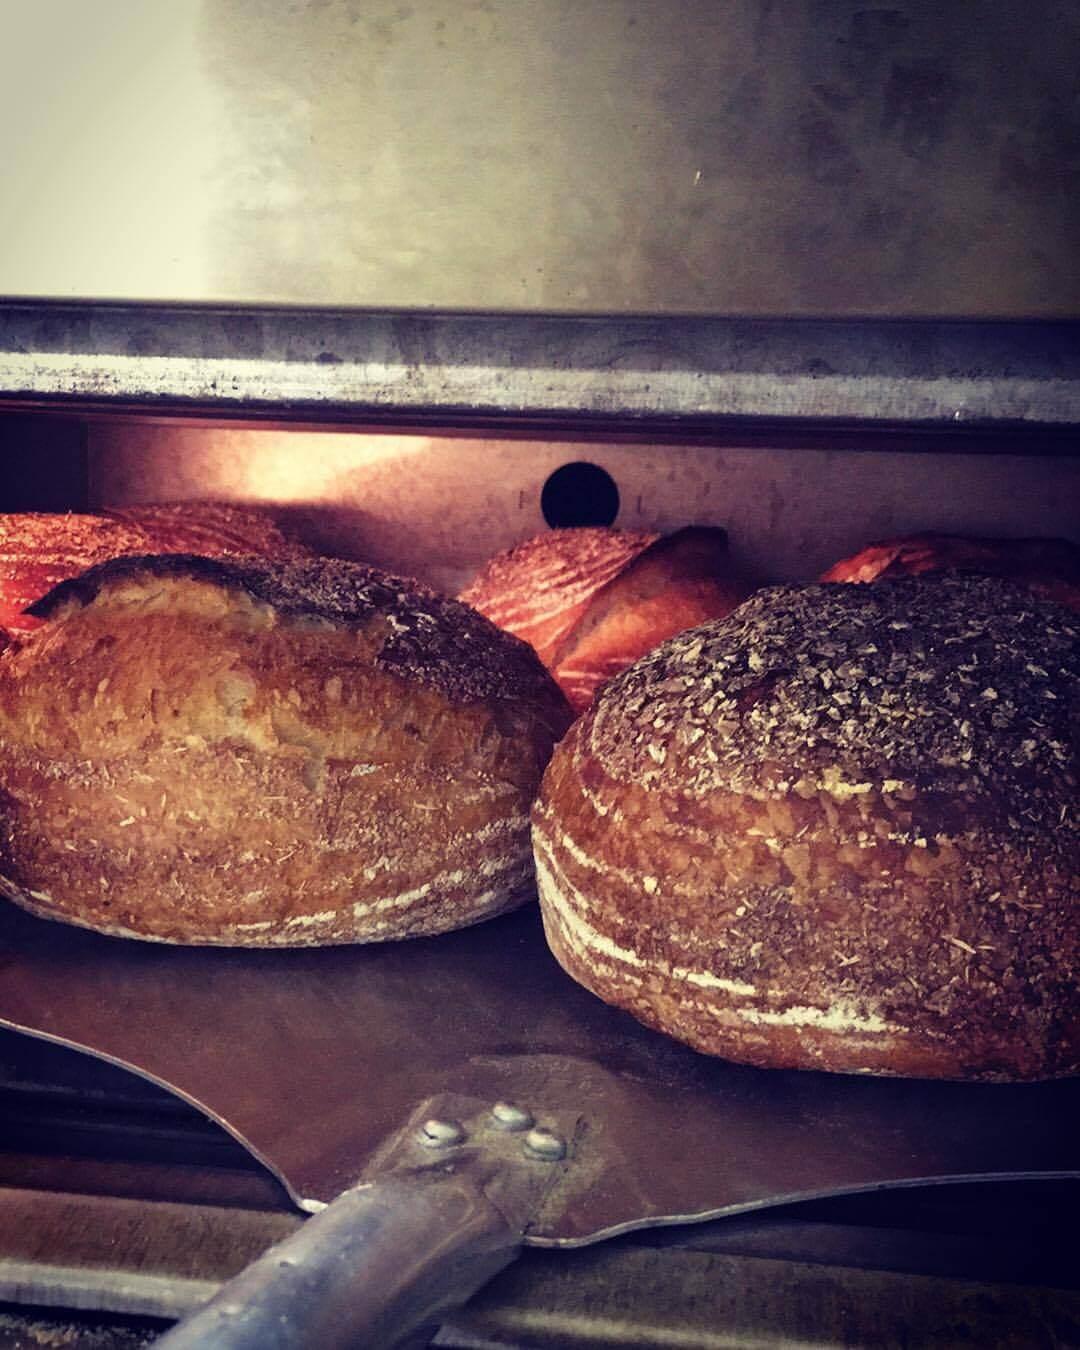 kotzebue-bakery-bread-oven-tallinn-estonia